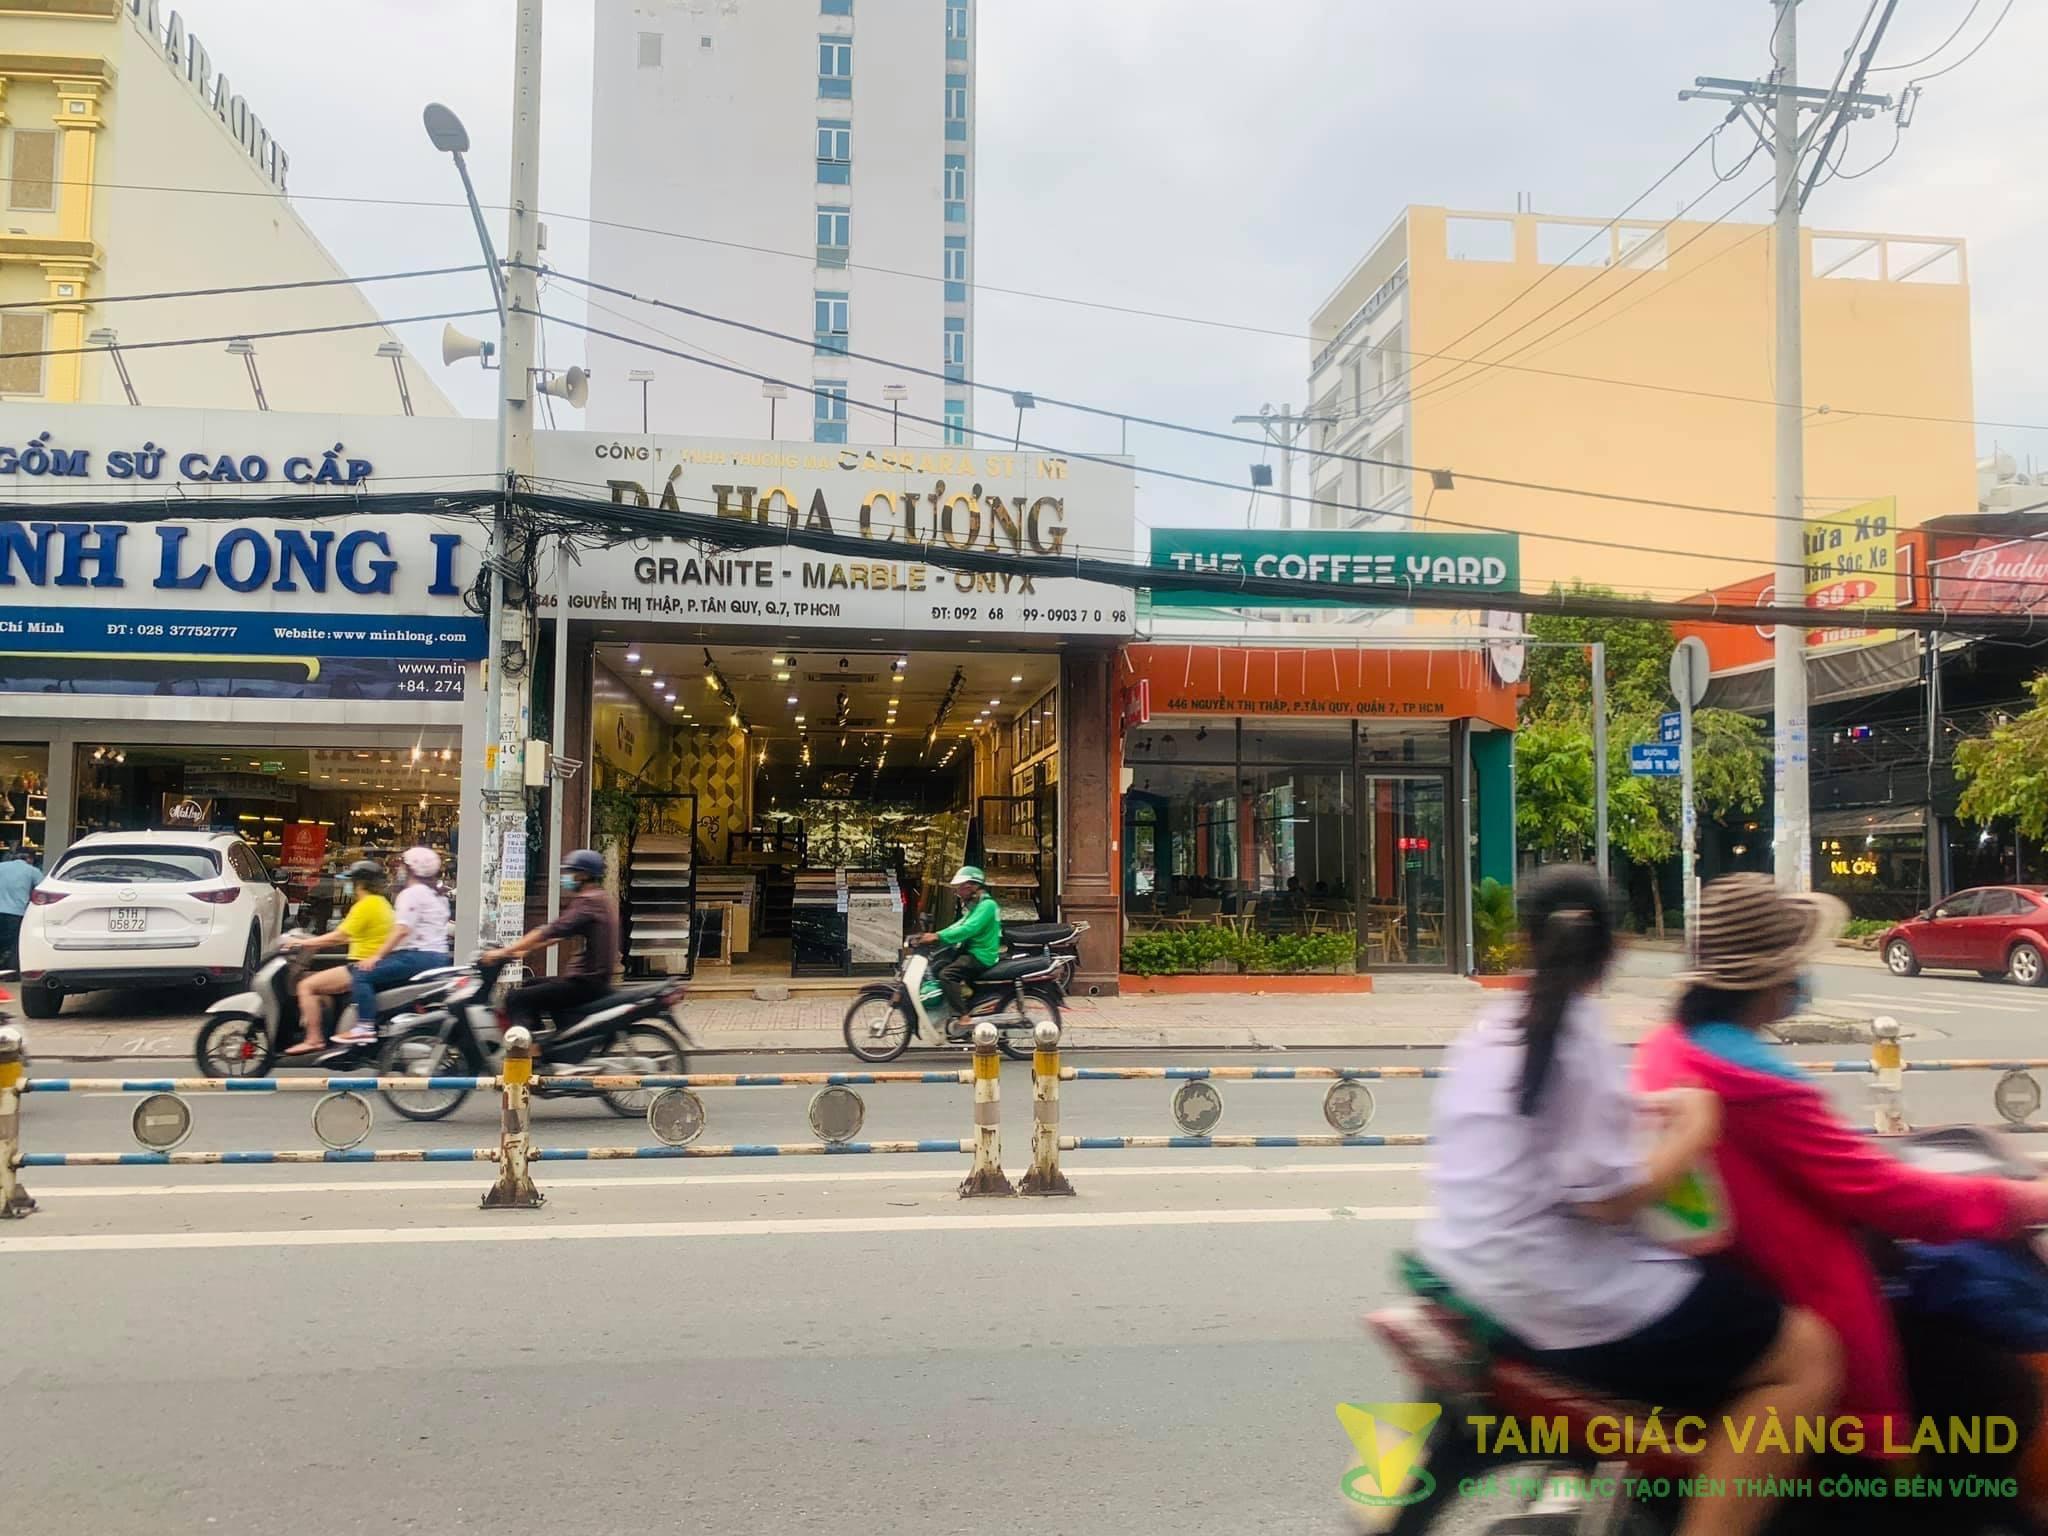 Cho thuê nhà mặt tiền đường Nguyễn Thị Thập, Phường Tân Phú, Quận 7, DT 11x34m, 1 trệt, Giá 280 triệu/tháng